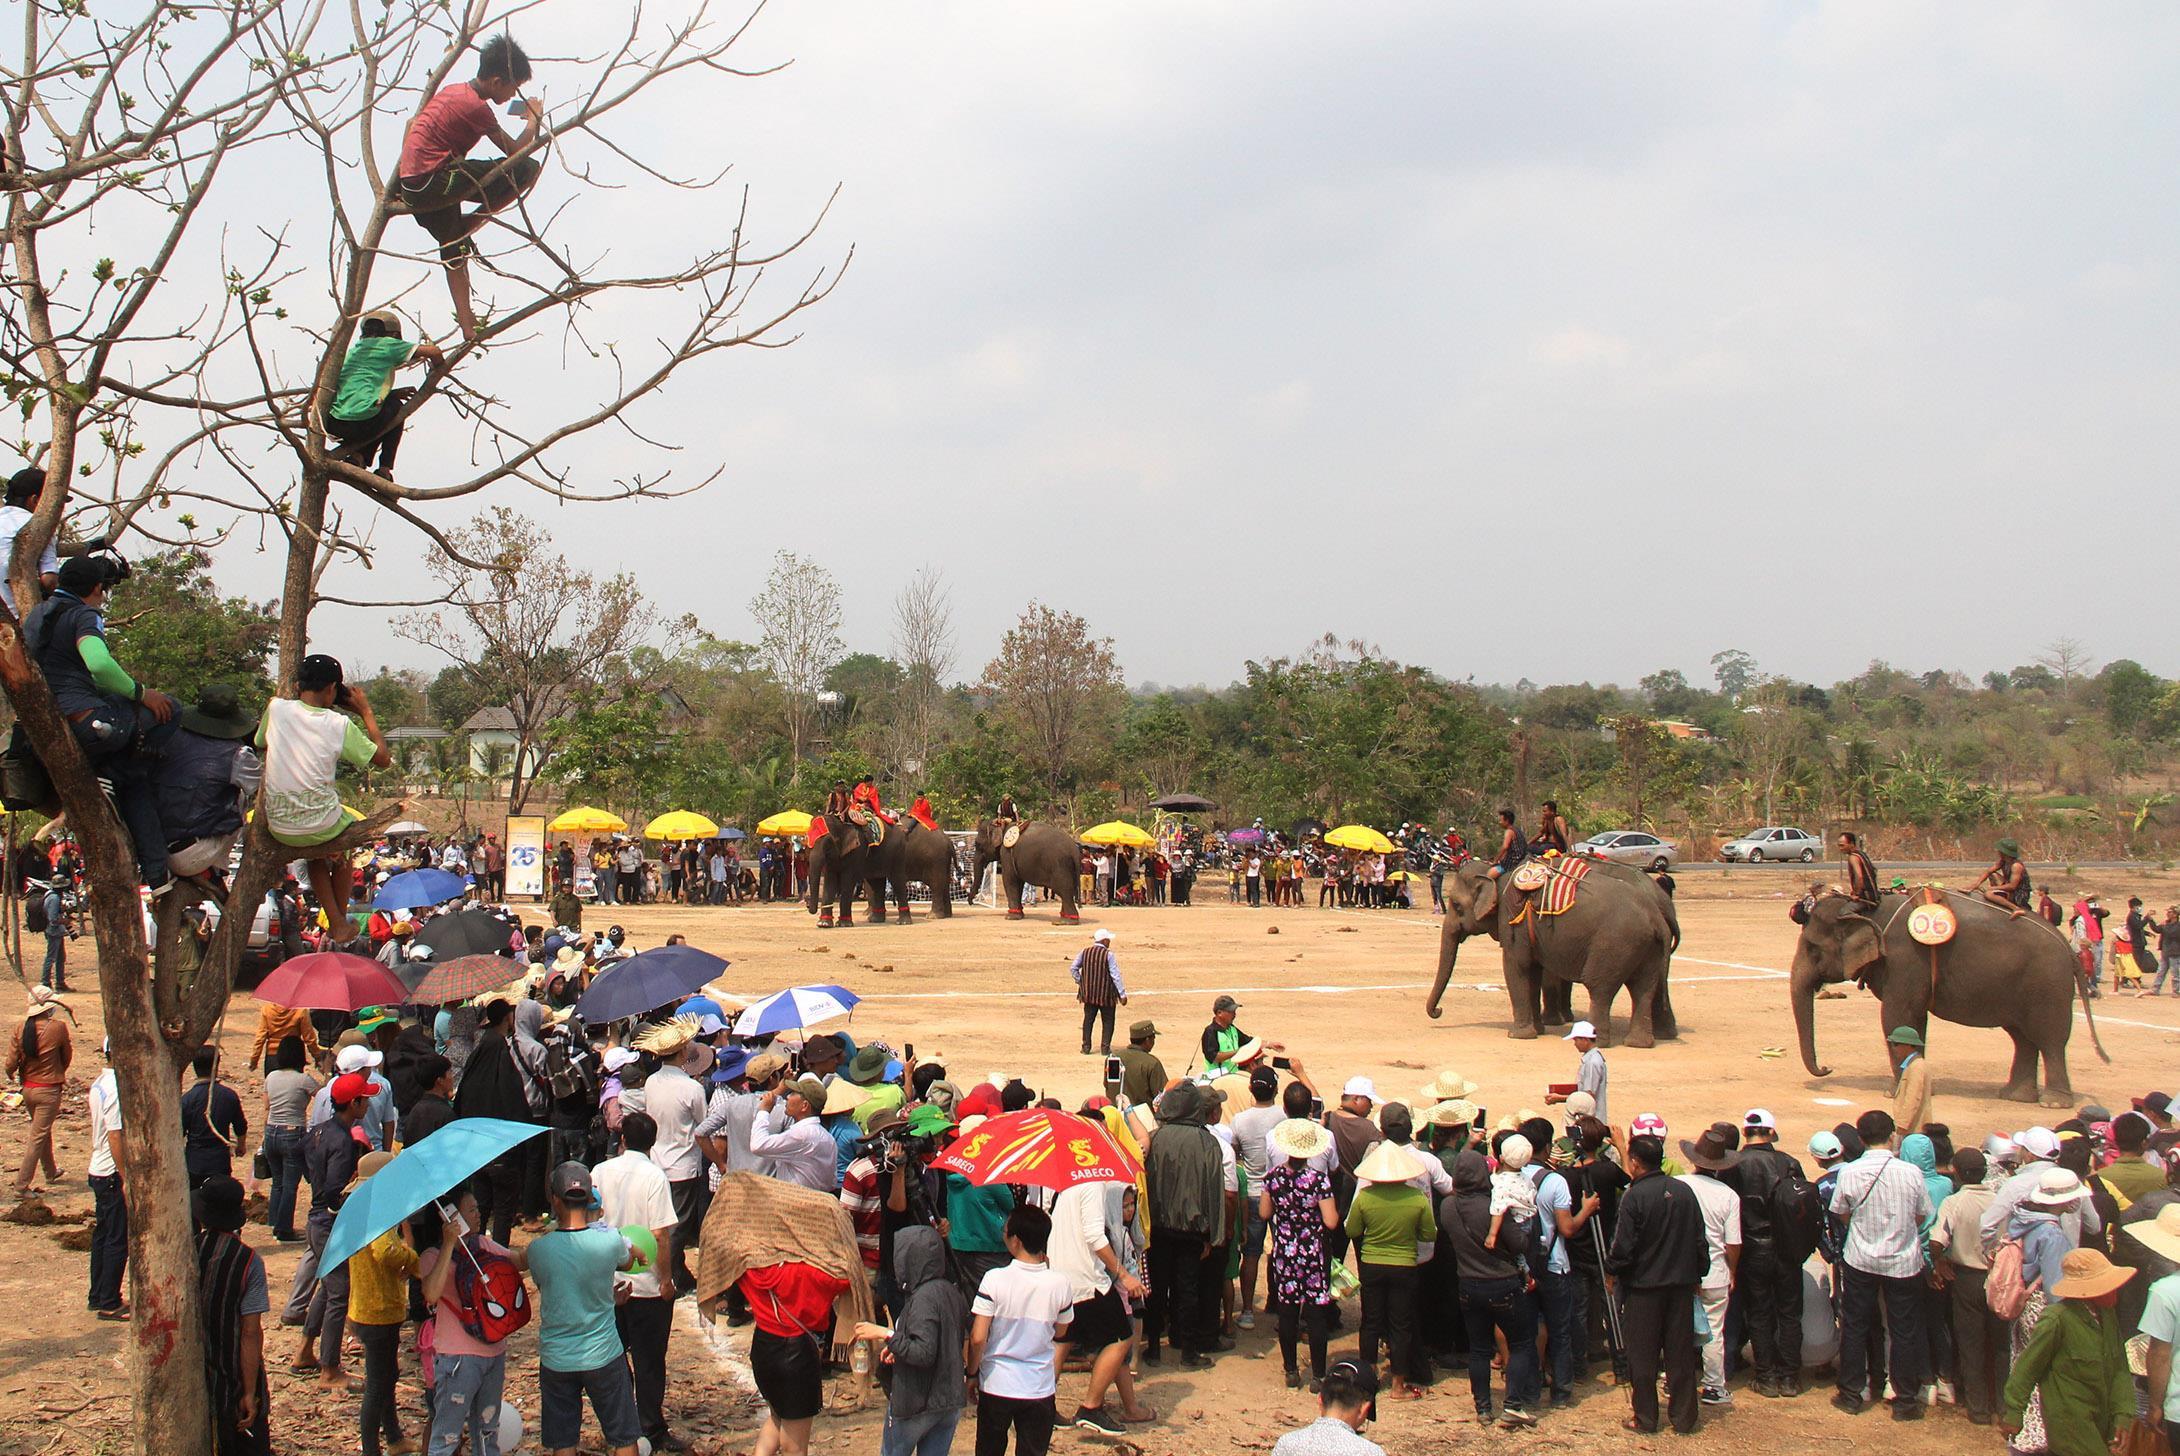 Khán giả trèo lên cây xem voi đá bóng giữa trưa